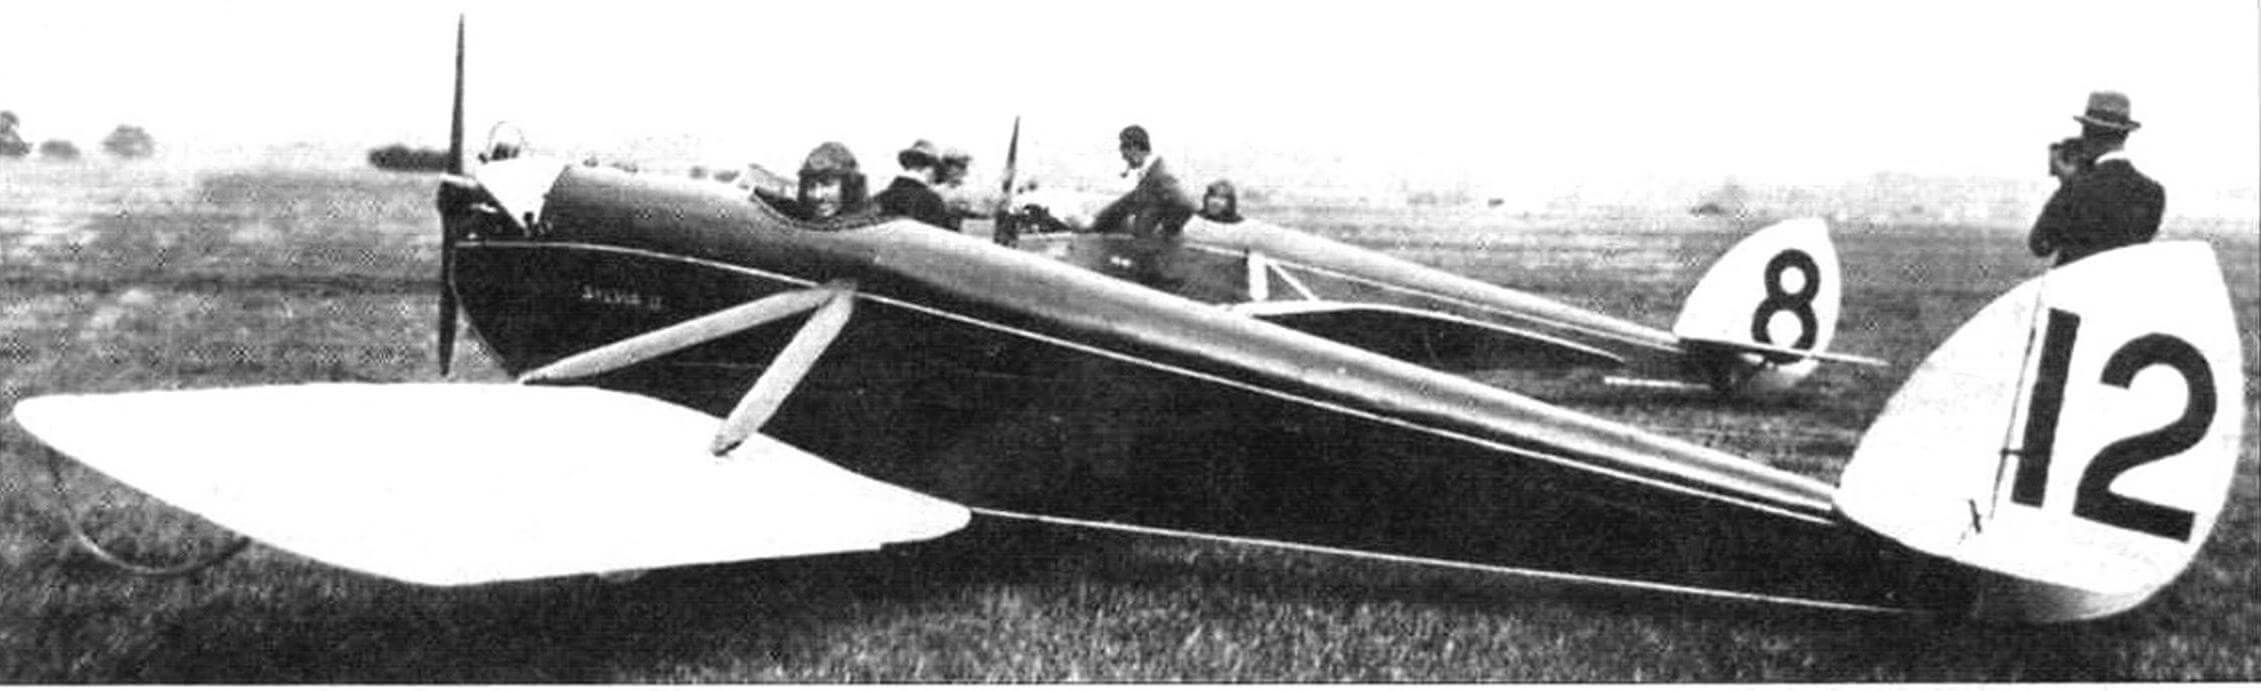 Первый опытный образец DH.53 на состязаниях в Лимпне, октябрь 1923 г.